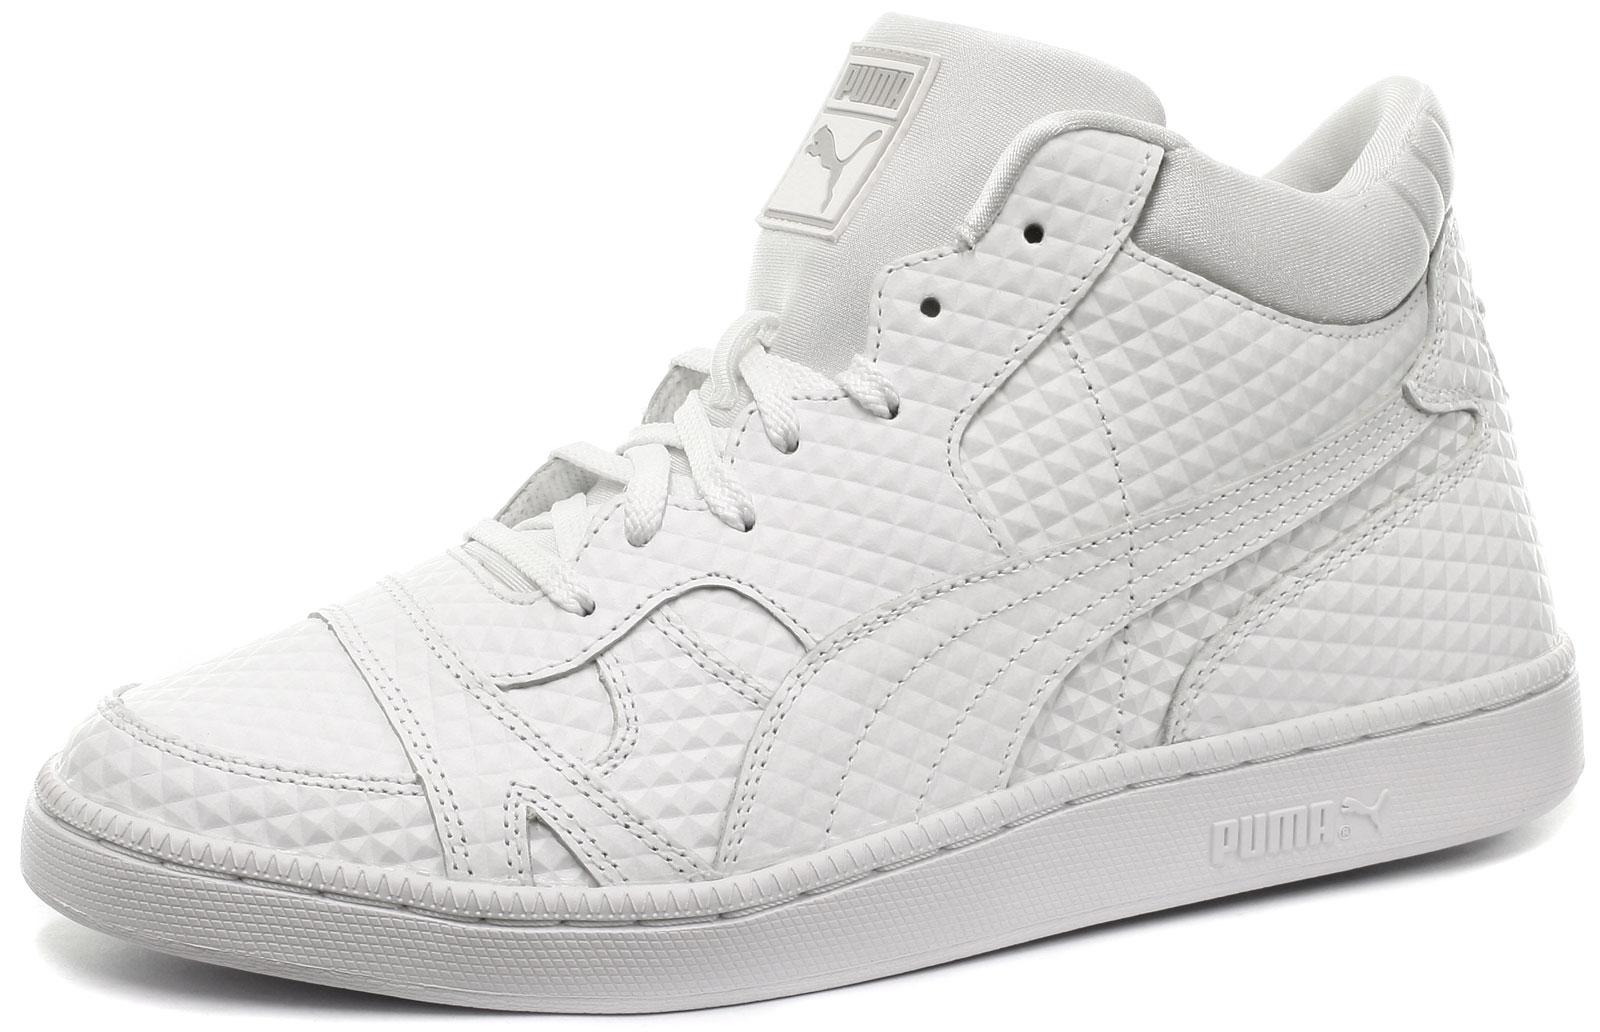 NUOVO Puma Becker in rilievo Sneaker Uomo Tutte Le Taglie